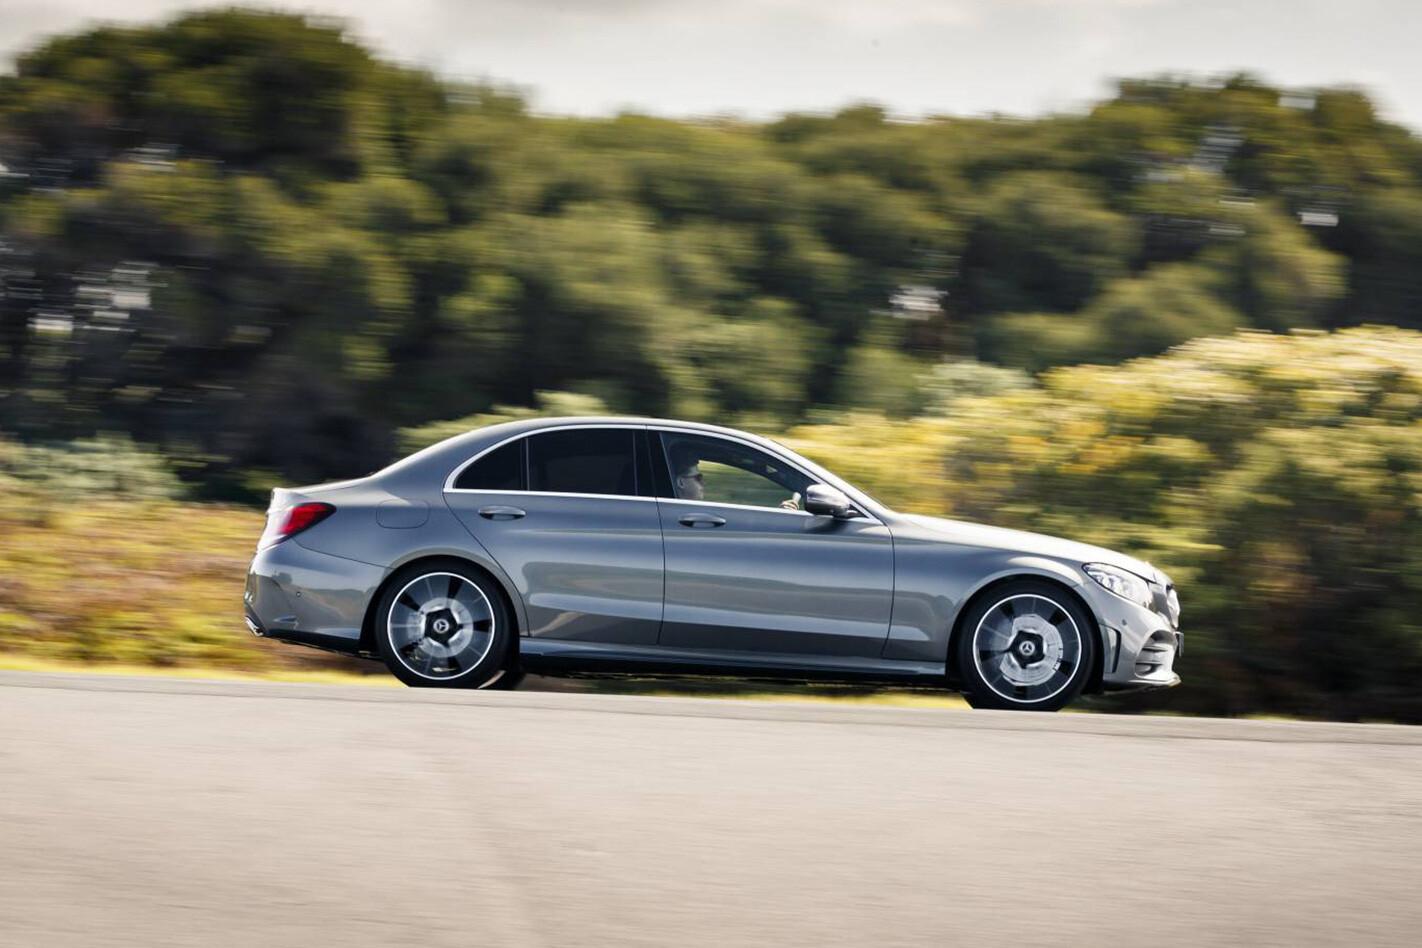 Mercedes C 200 Side On Jpg